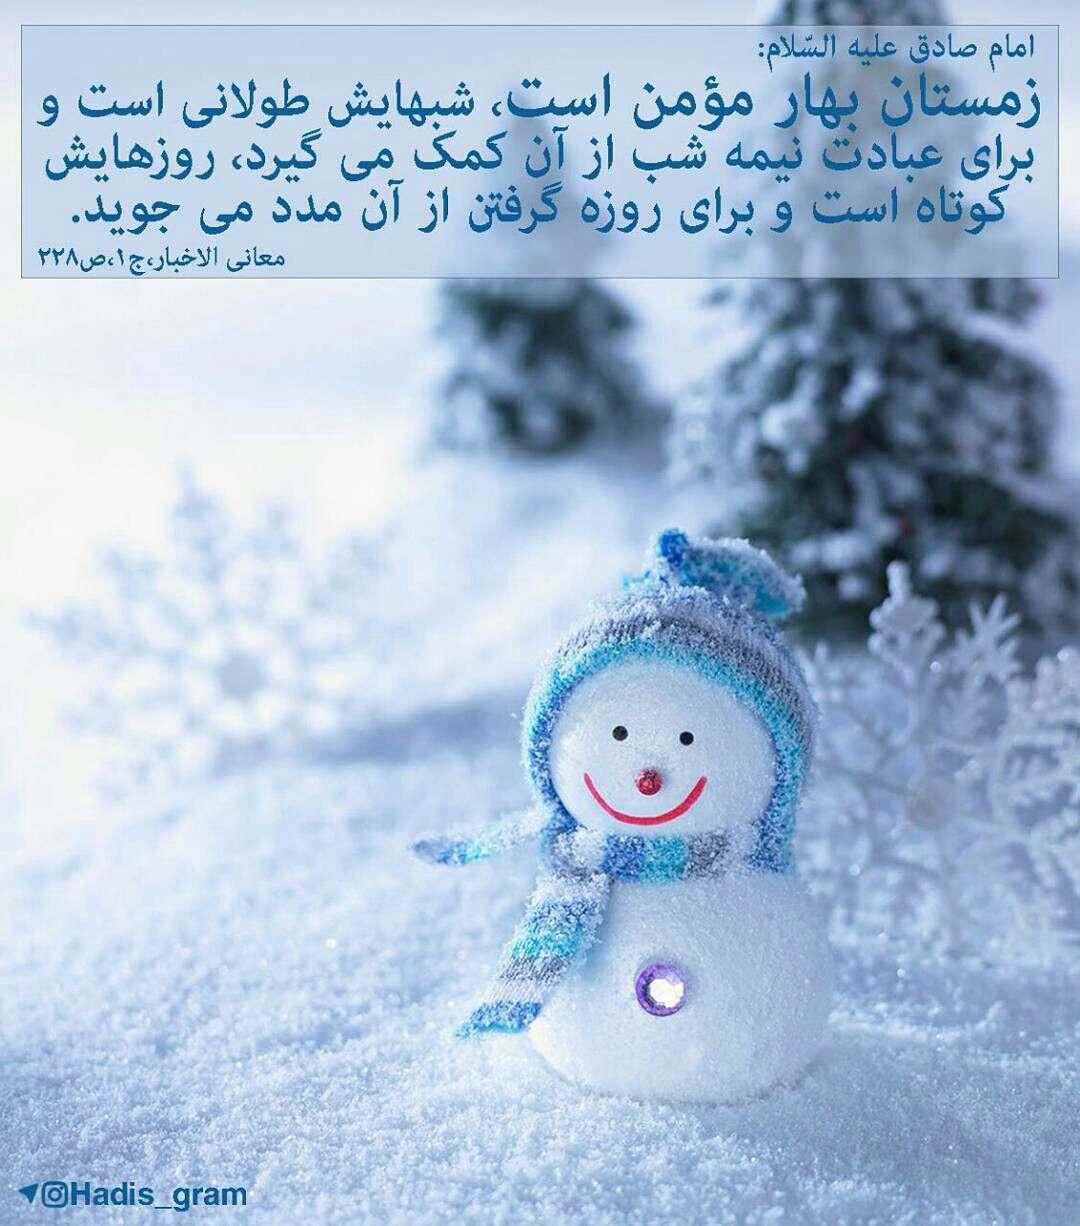 حدیثی از امام صادق در مورد فصل زمستان و بهار